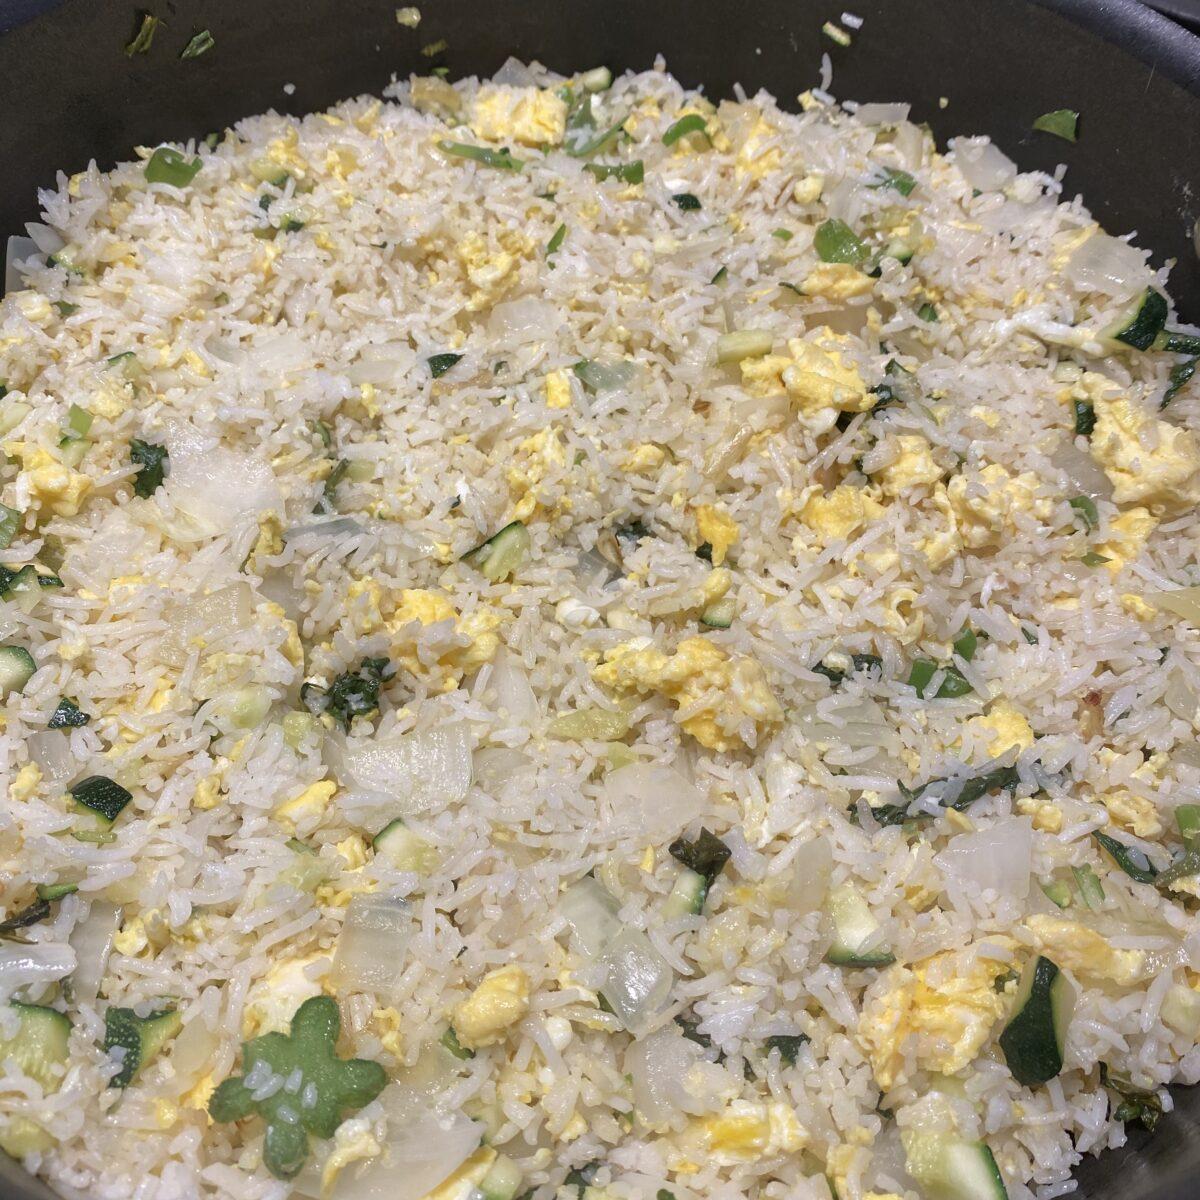 McThai's Veggie + Egg Fried Rice